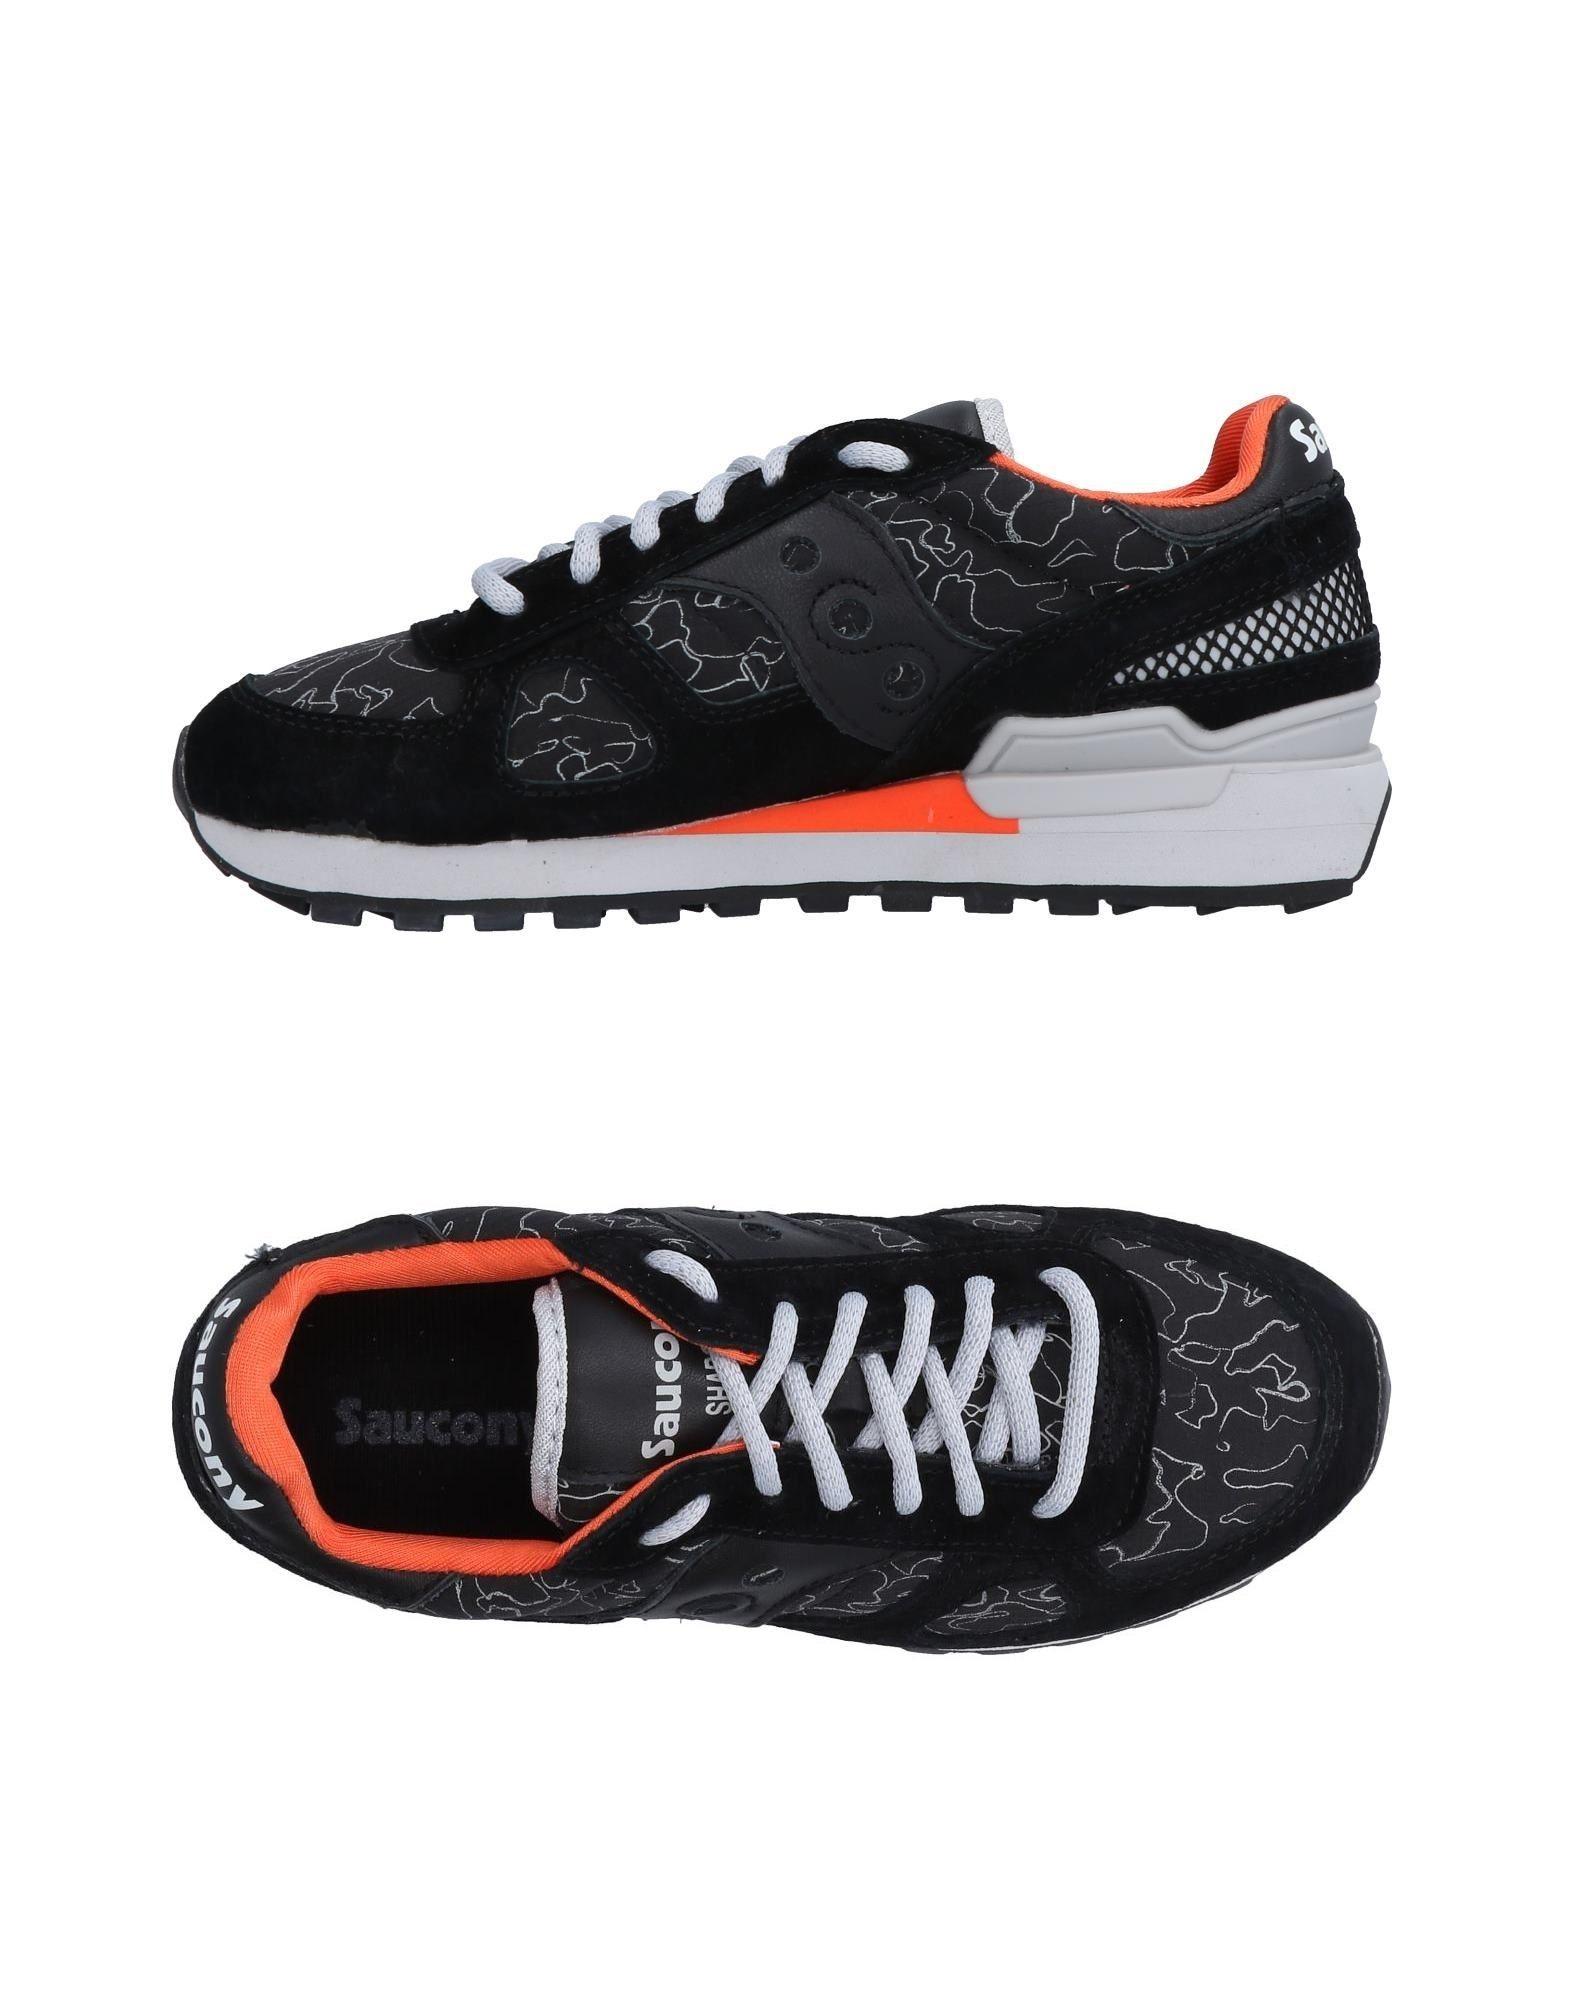 Saucony Sneakers Damen Gutes Preis-Leistungs-Verhältnis, Preis-Leistungs-Verhältnis, Preis-Leistungs-Verhältnis, es lohnt sich c8762b